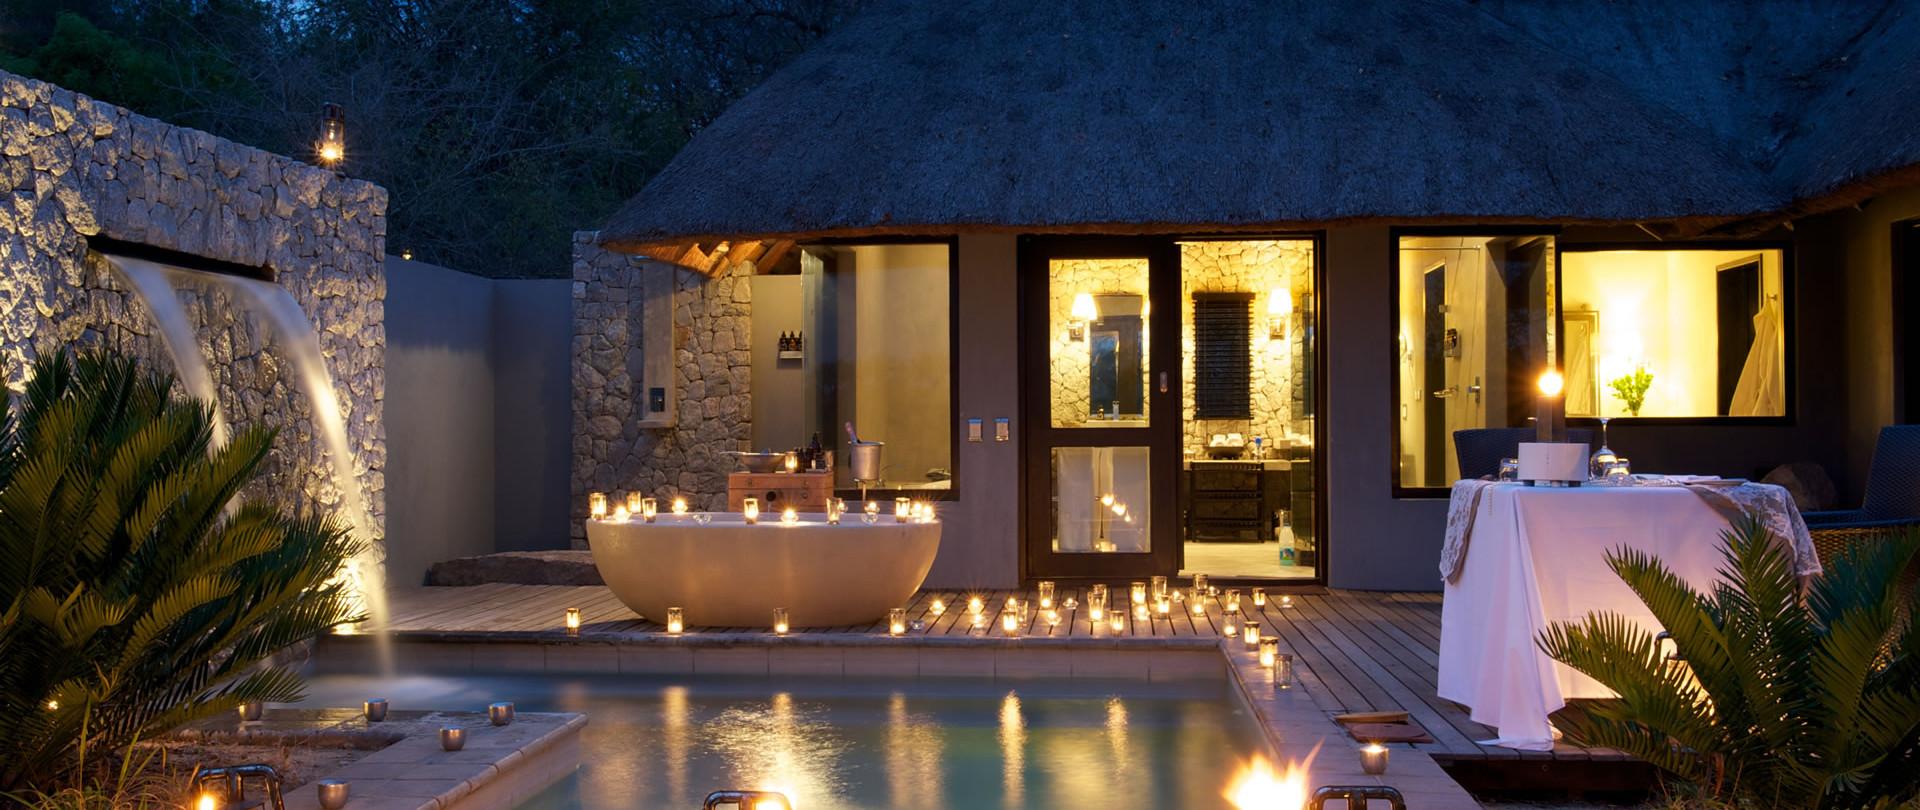 The pinnacle of African luxury safaris